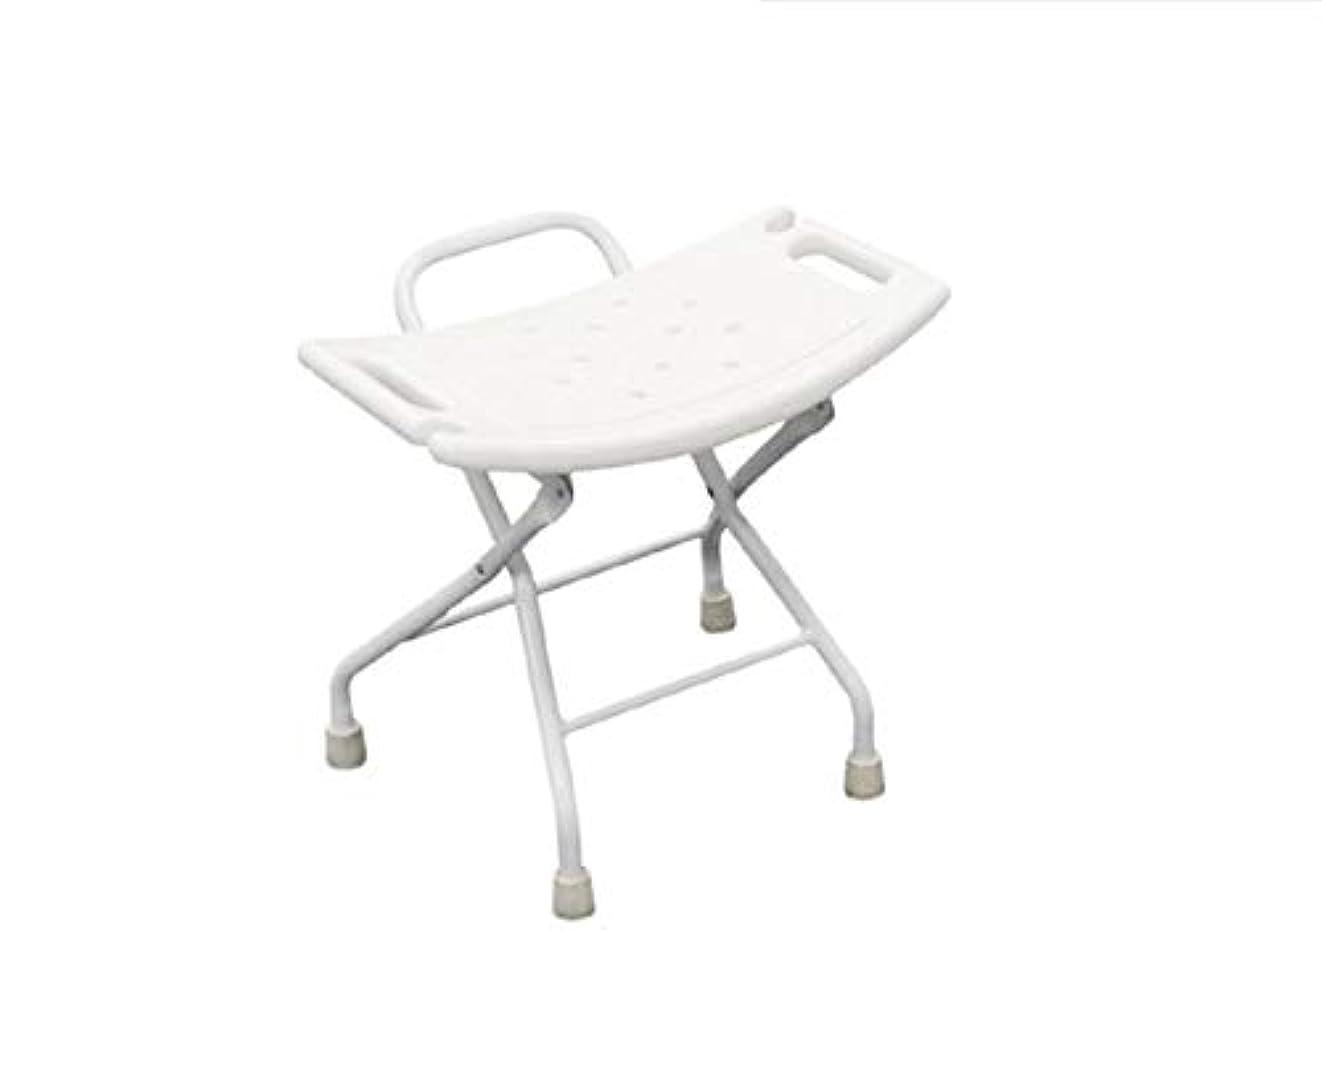 折りたたみ調節可能なシャワースツール、入浴補助用シャワー補助装置、補助バスチェア